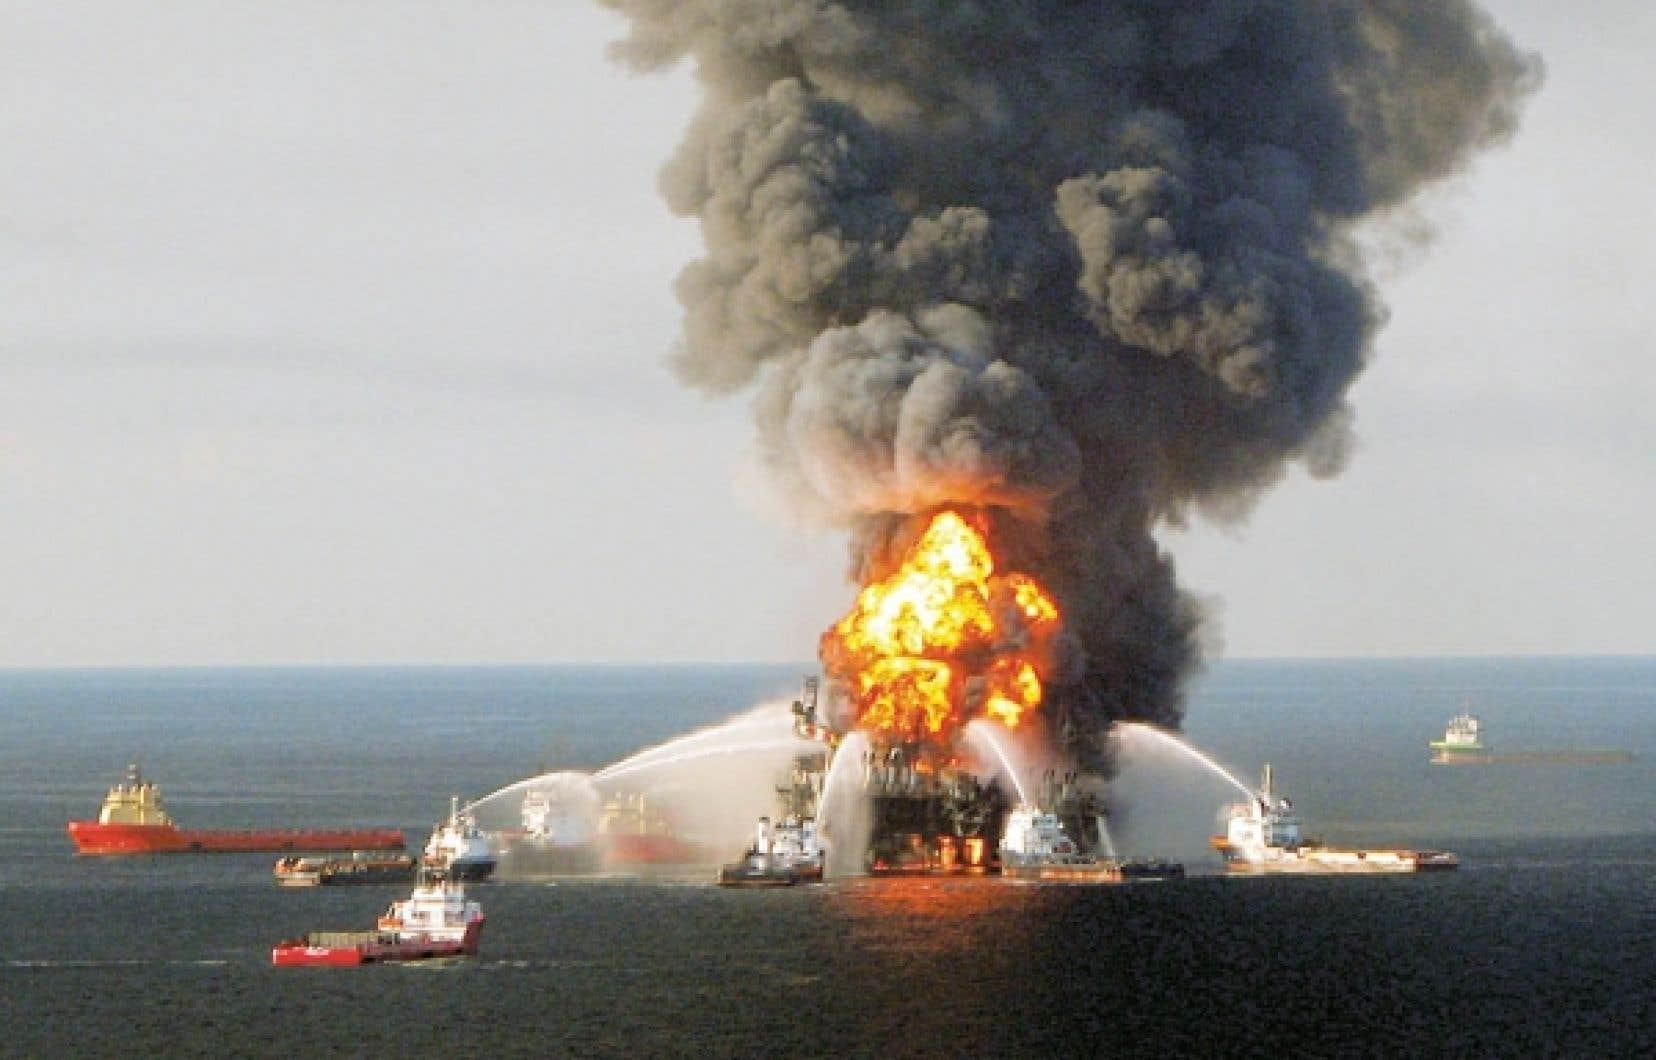 Quelque 4,9 millions de barils de pétrole se sont déversés dans les eaux du golfe du Mexique après l'explosion de la plateforme Deepwater Horizon.<br />